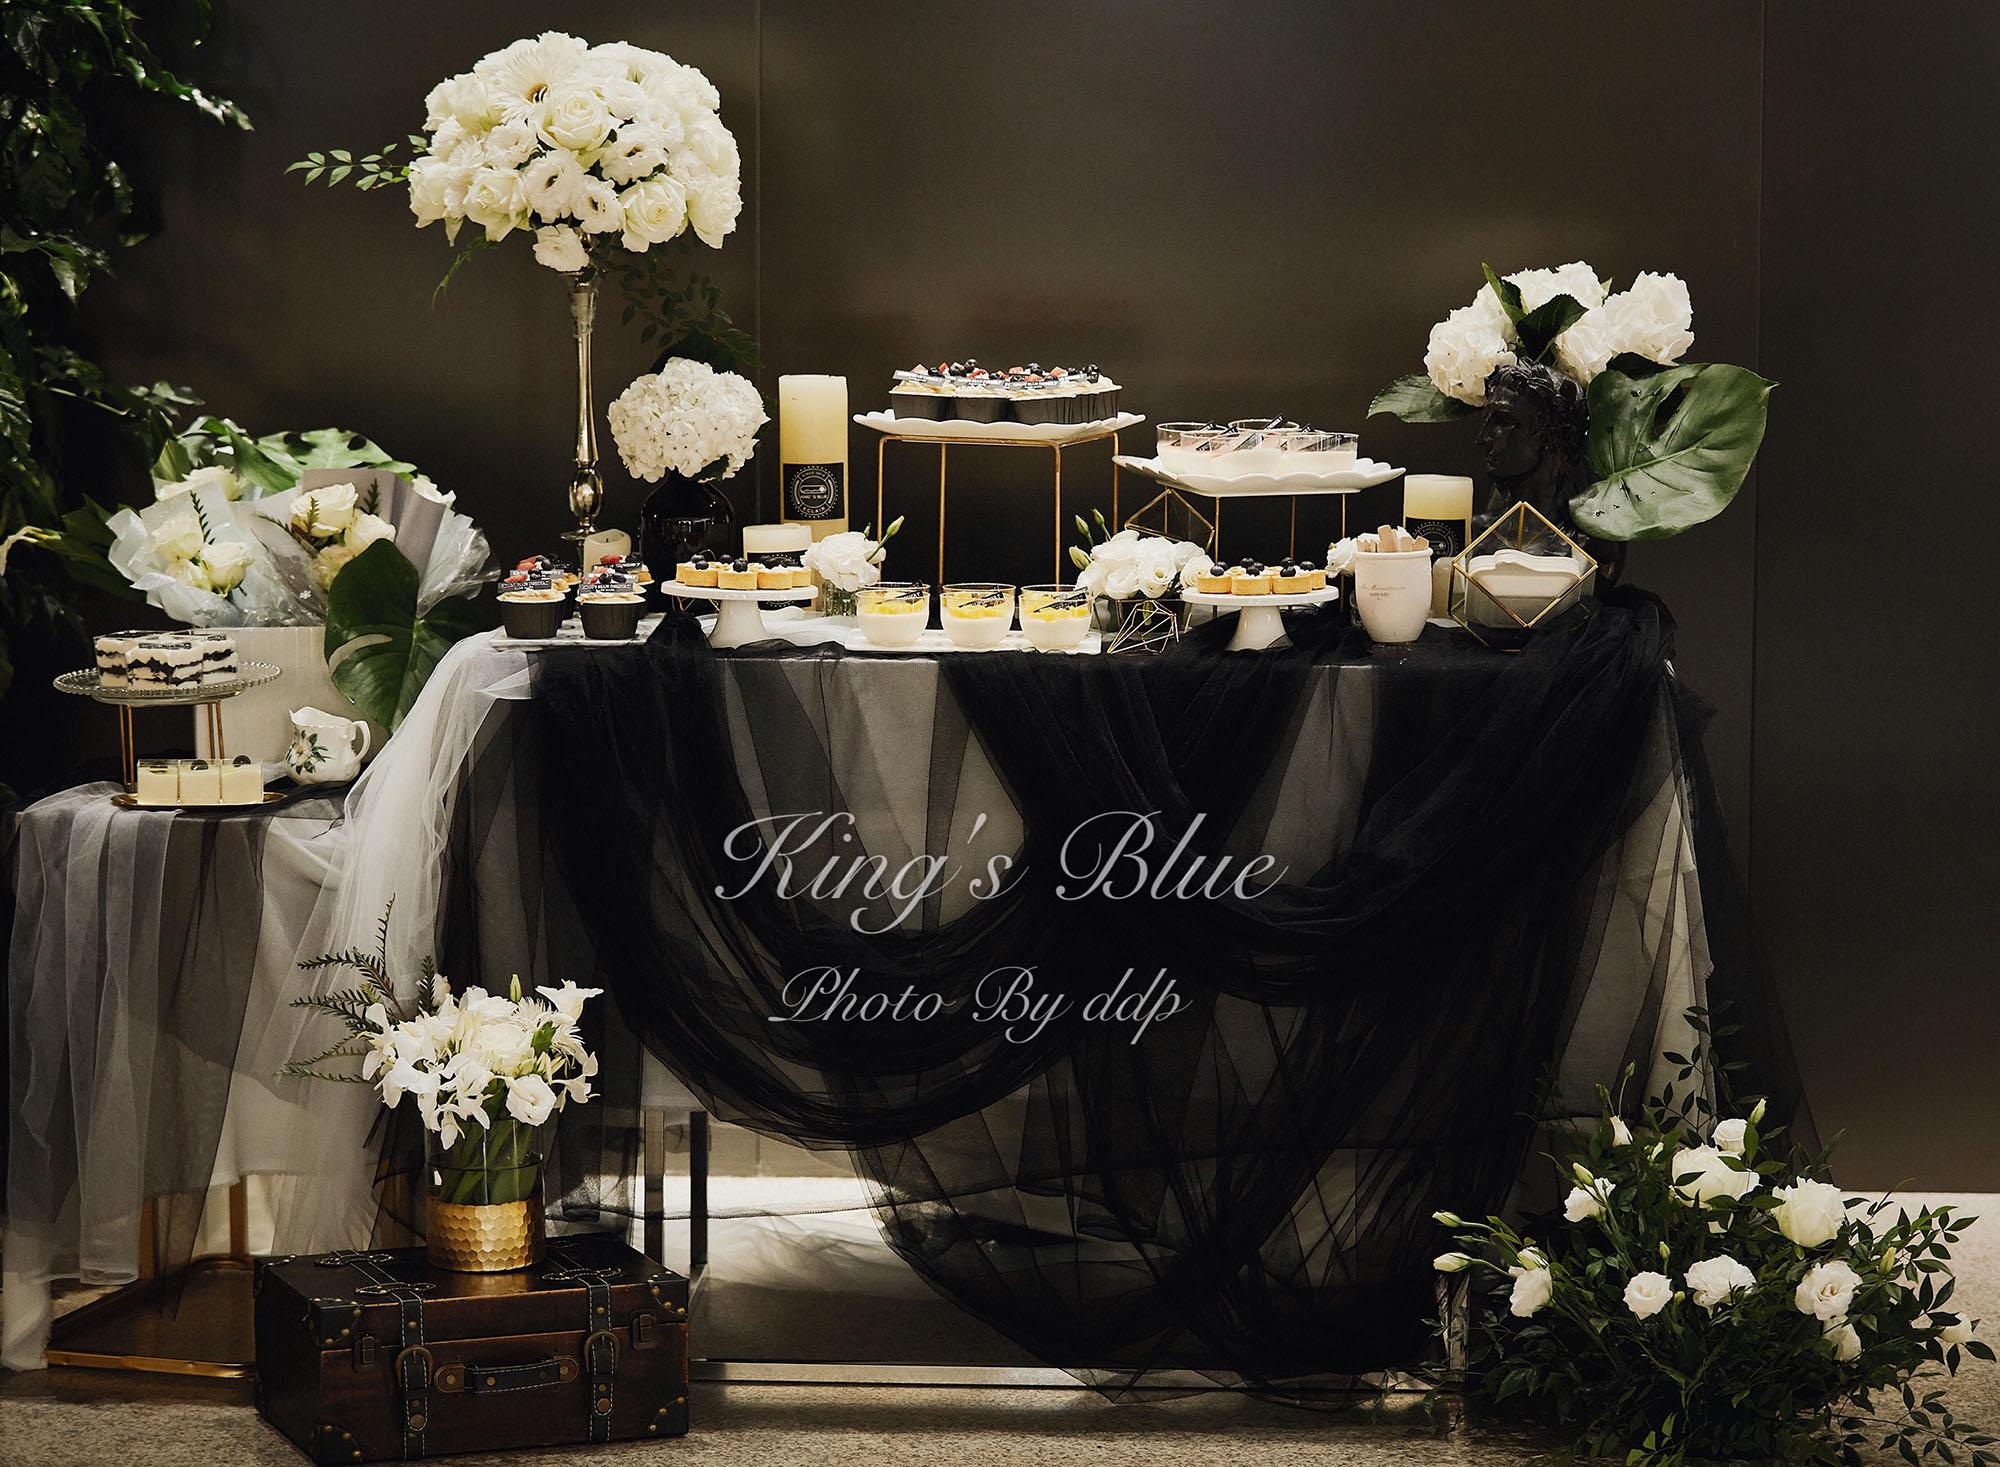 九眼桥 黑色系婚礼甜品台商务茶歇 钴蓝甜品]成都 Blue s ' King [